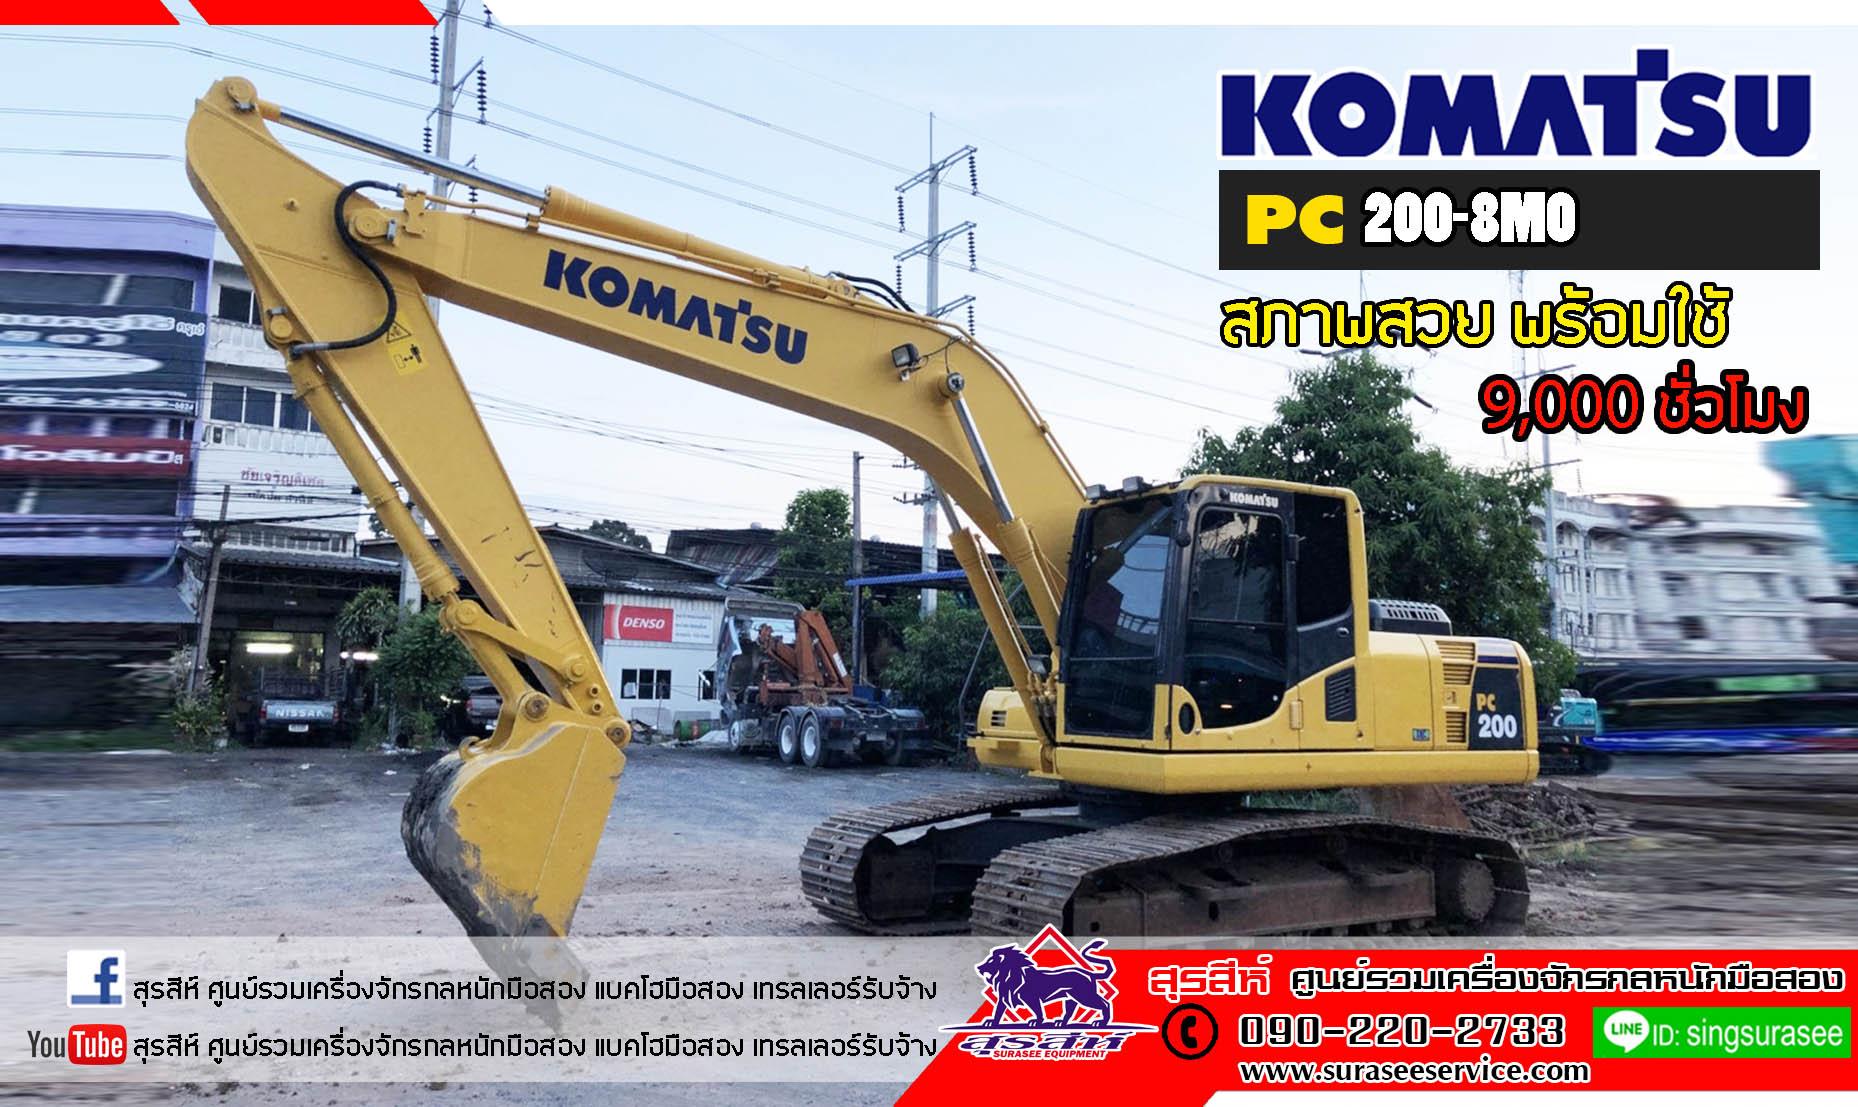 พร้อมลงงาน ทันที รถขุดมือสอง KOMATSU PC200-8MO